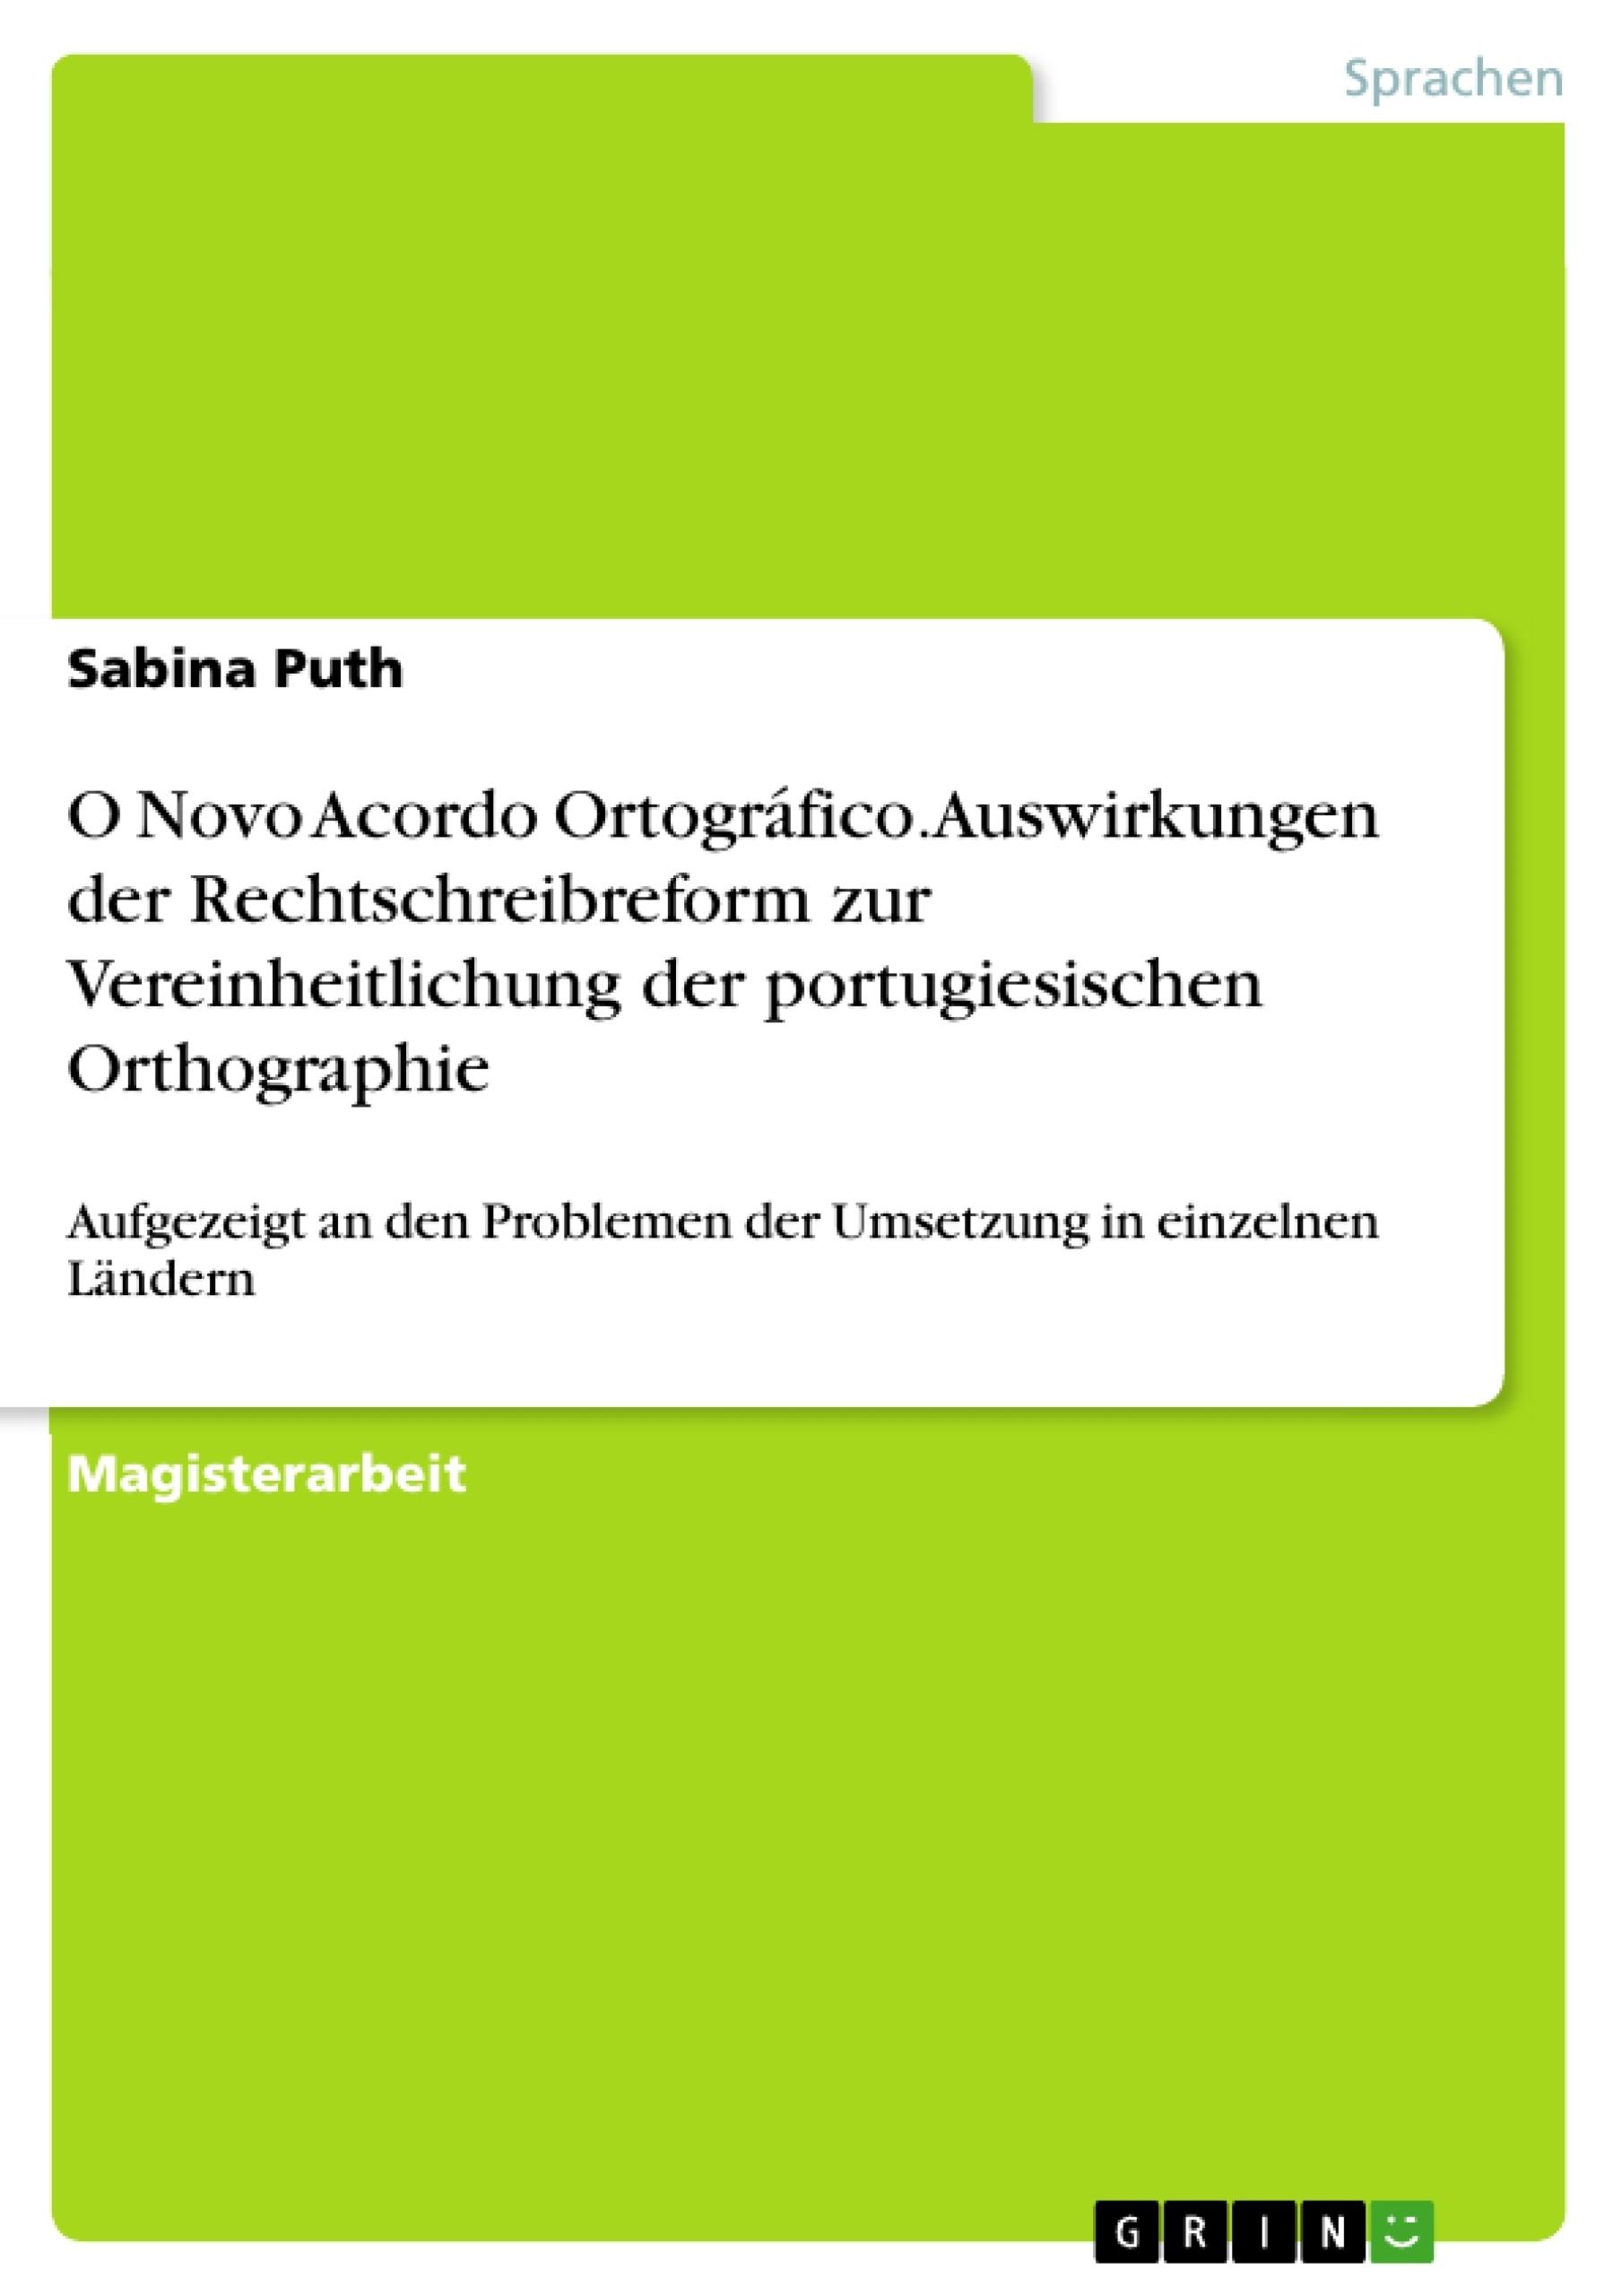 Titel: O Novo Acordo Ortográfico. Auswirkungen der Rechtschreibreform zur Vereinheitlichung der portugiesischen Orthographie